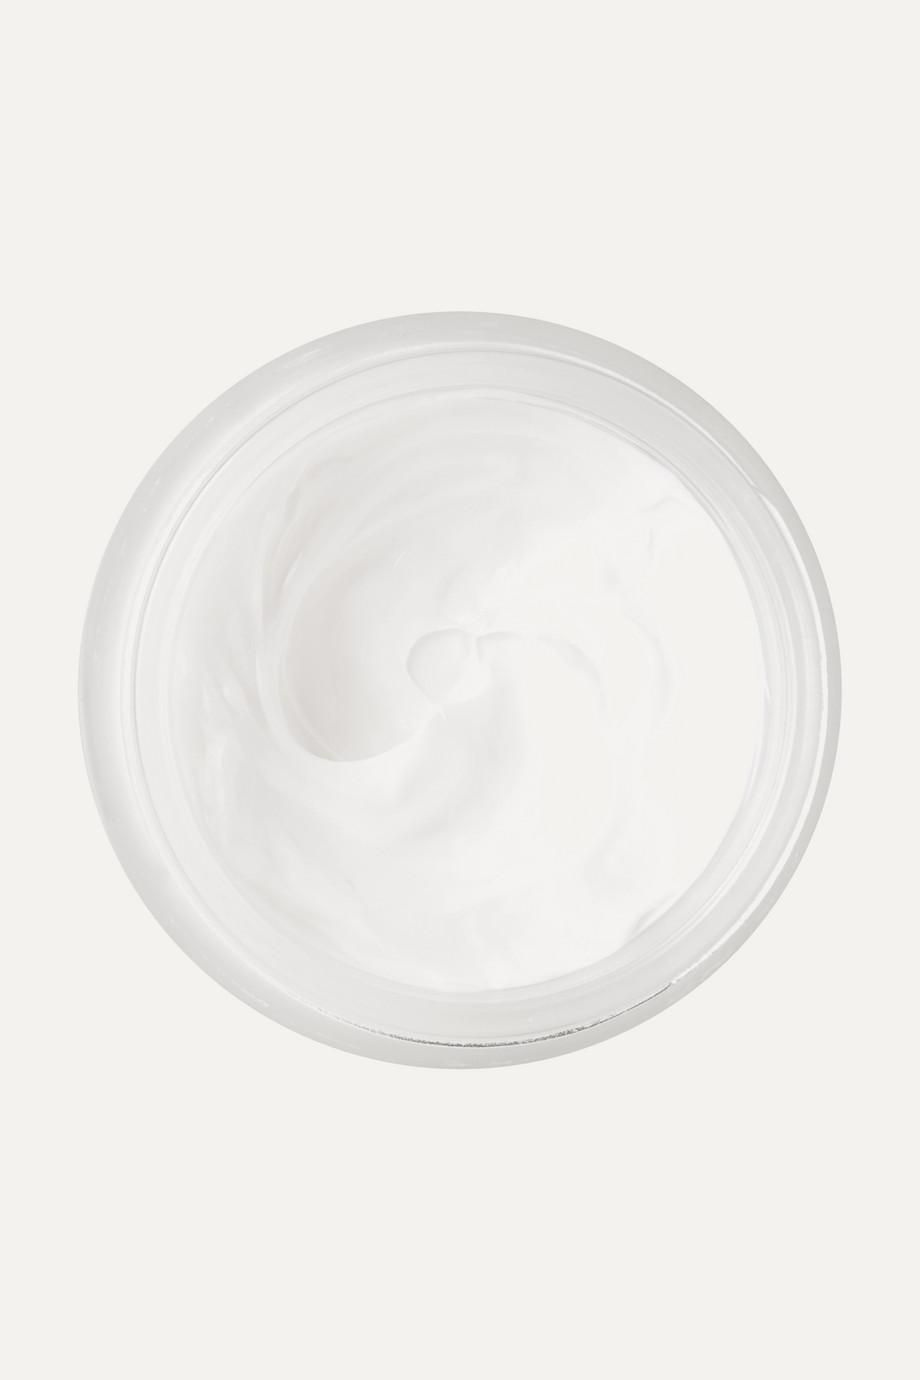 Dr Nigma Talib Crème No1, 50ml